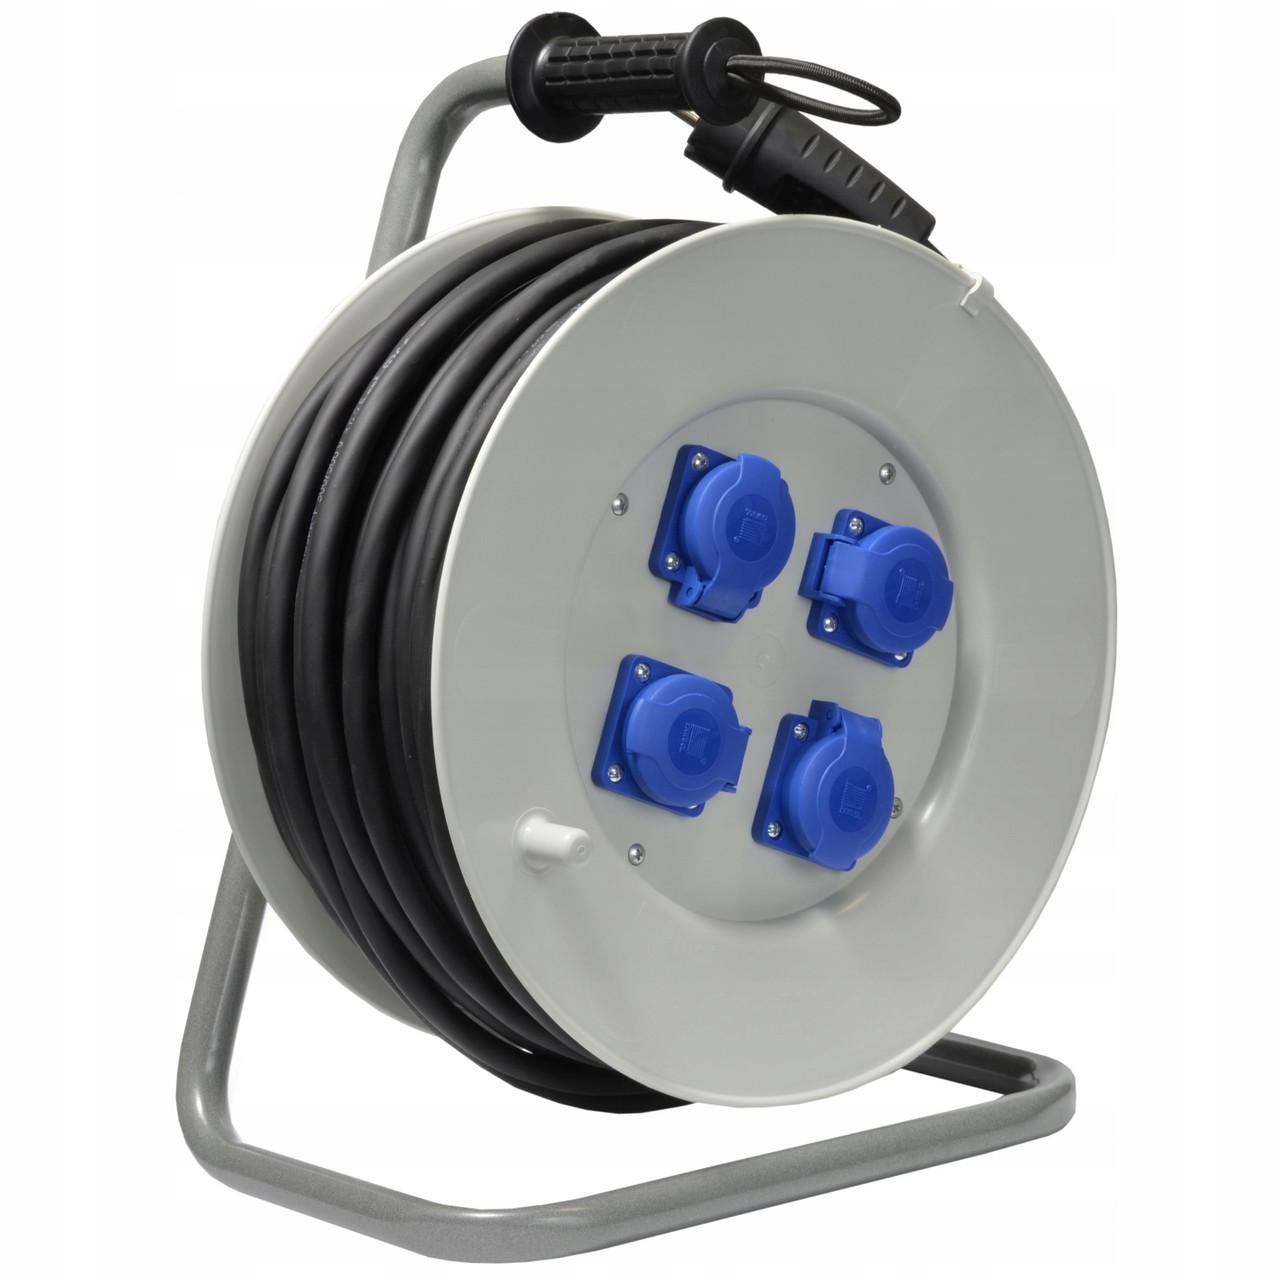 Удлинитель электрический на катушке 4 гнезда 50 м кабель ПВСн 2х2.5+1х2,5 мм²